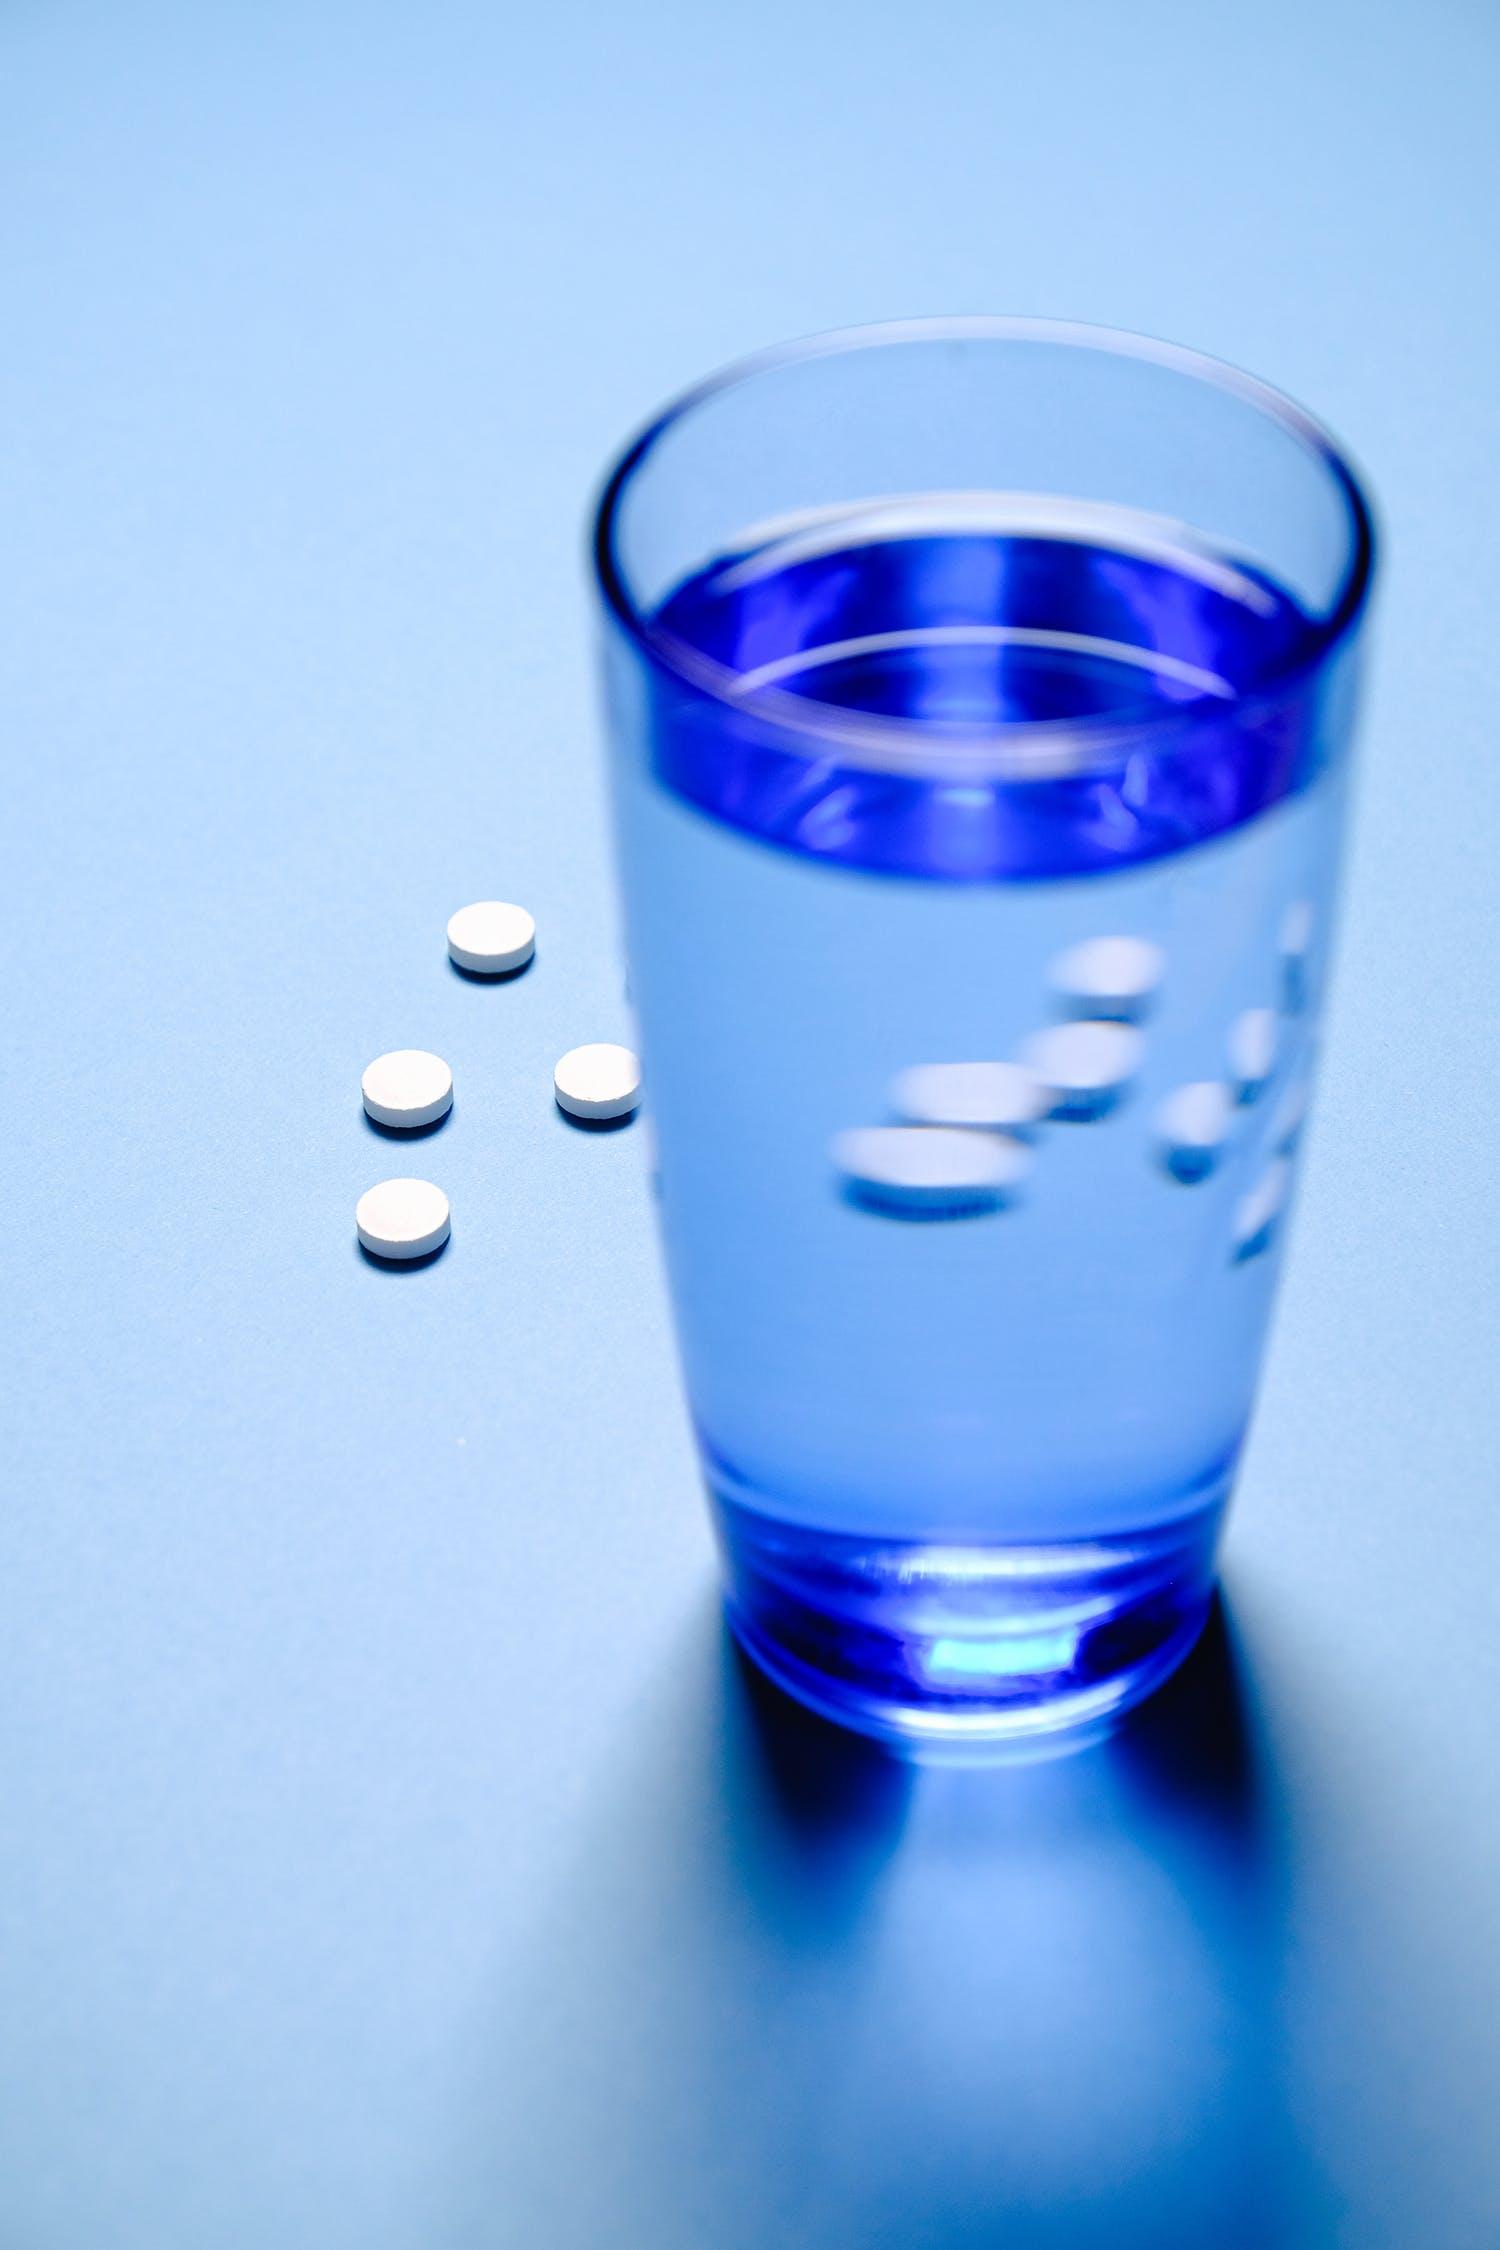 Hypocondriaque et antidépresseurs, une bonne idée ?